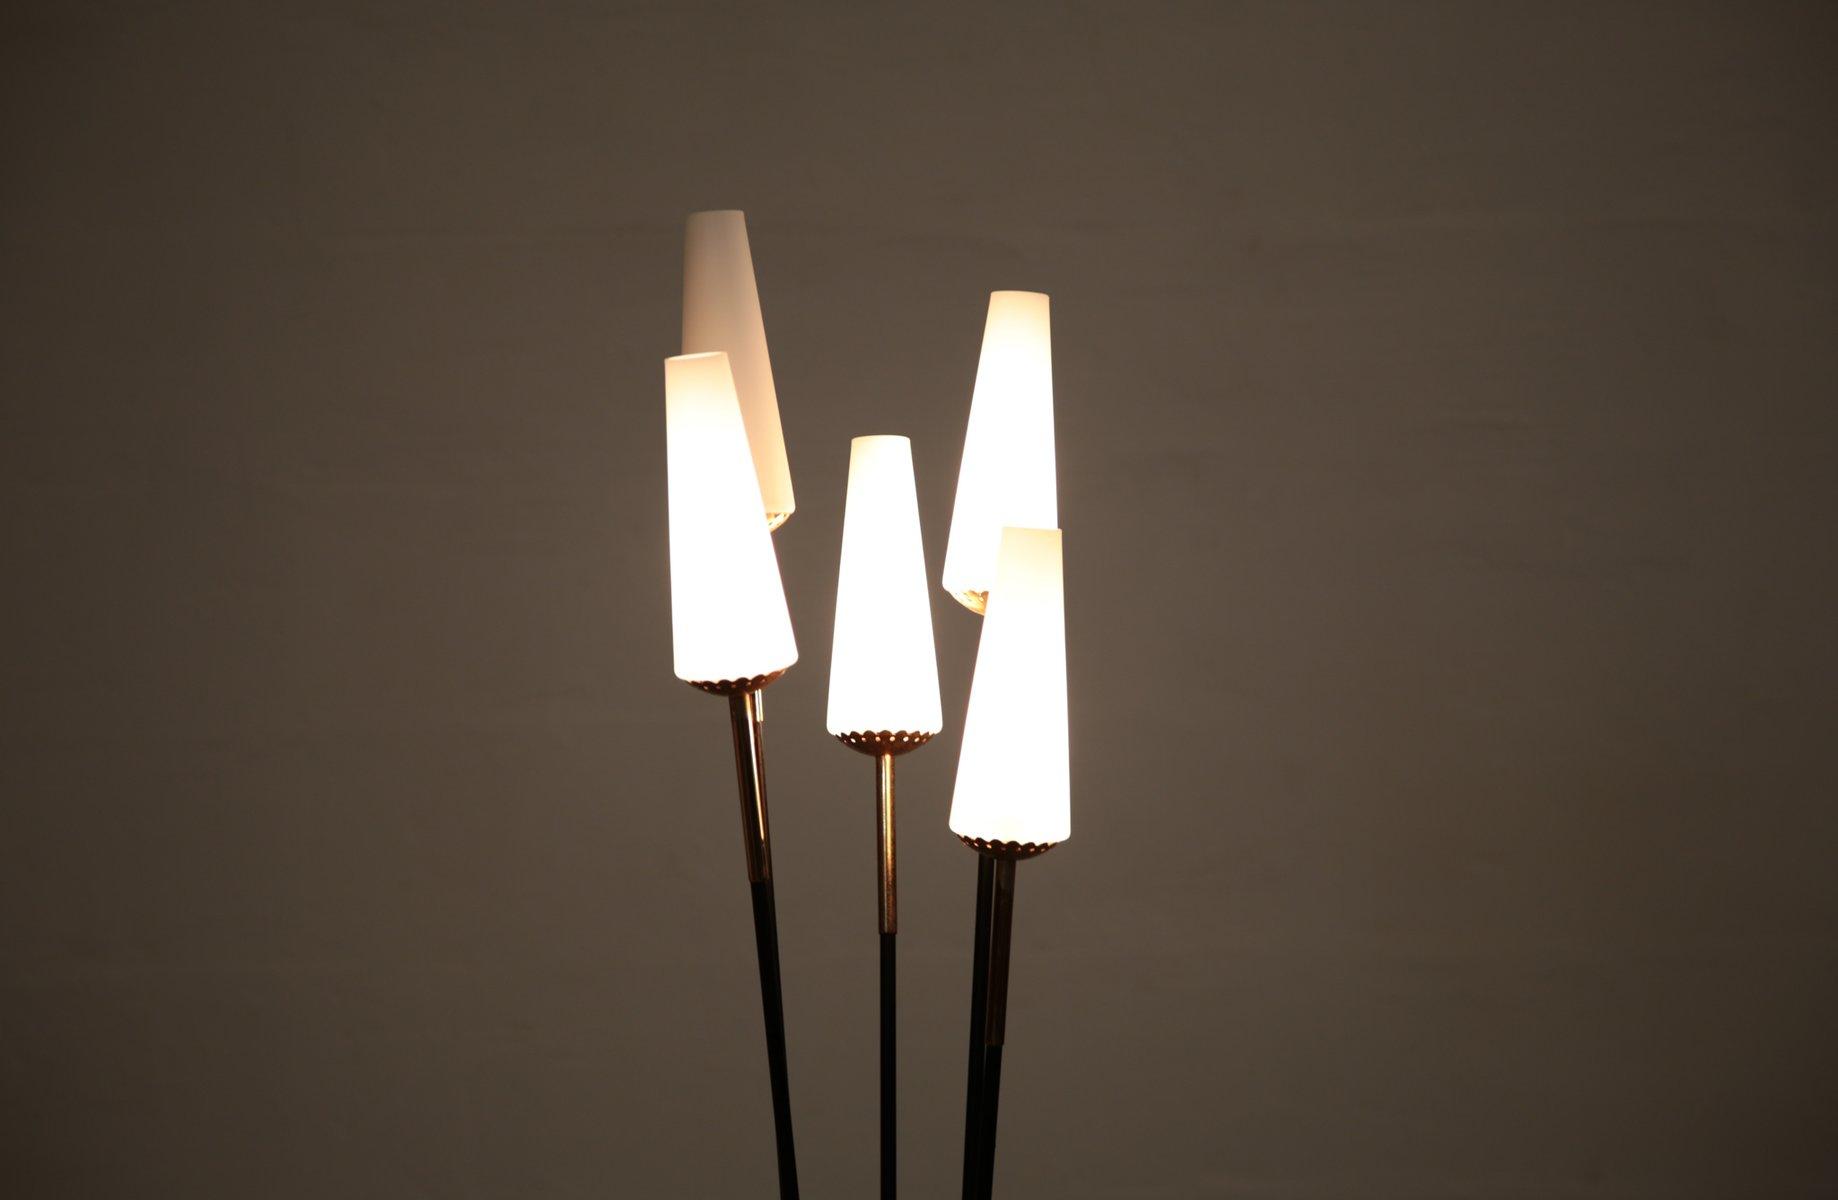 italienische vintage stehlampe aus metall opalglas bei pamono kaufen. Black Bedroom Furniture Sets. Home Design Ideas